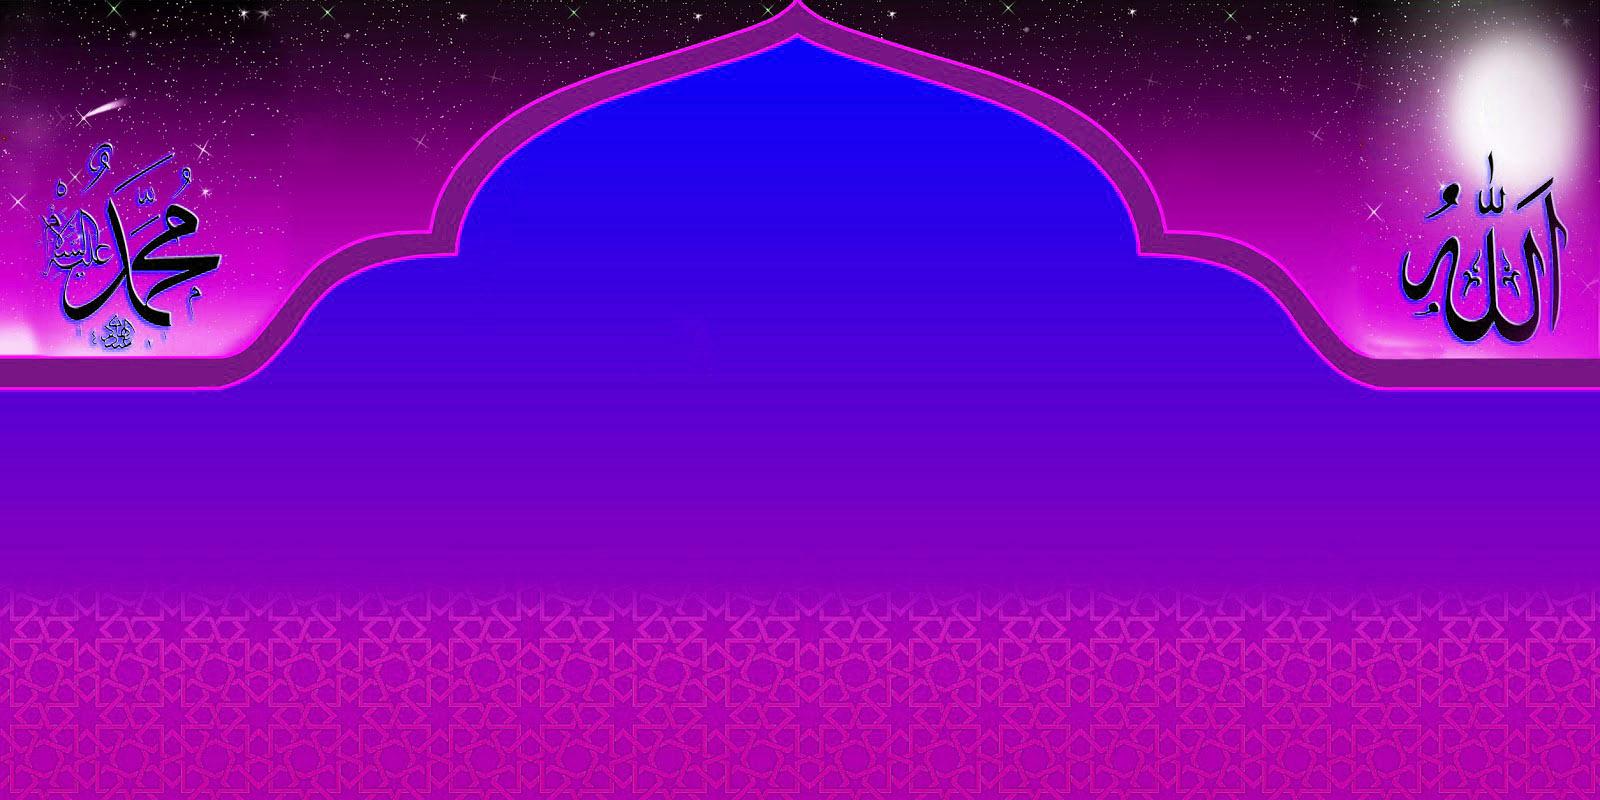 Gambar Index Gambar Background Banner di Rebanas  Rebanas